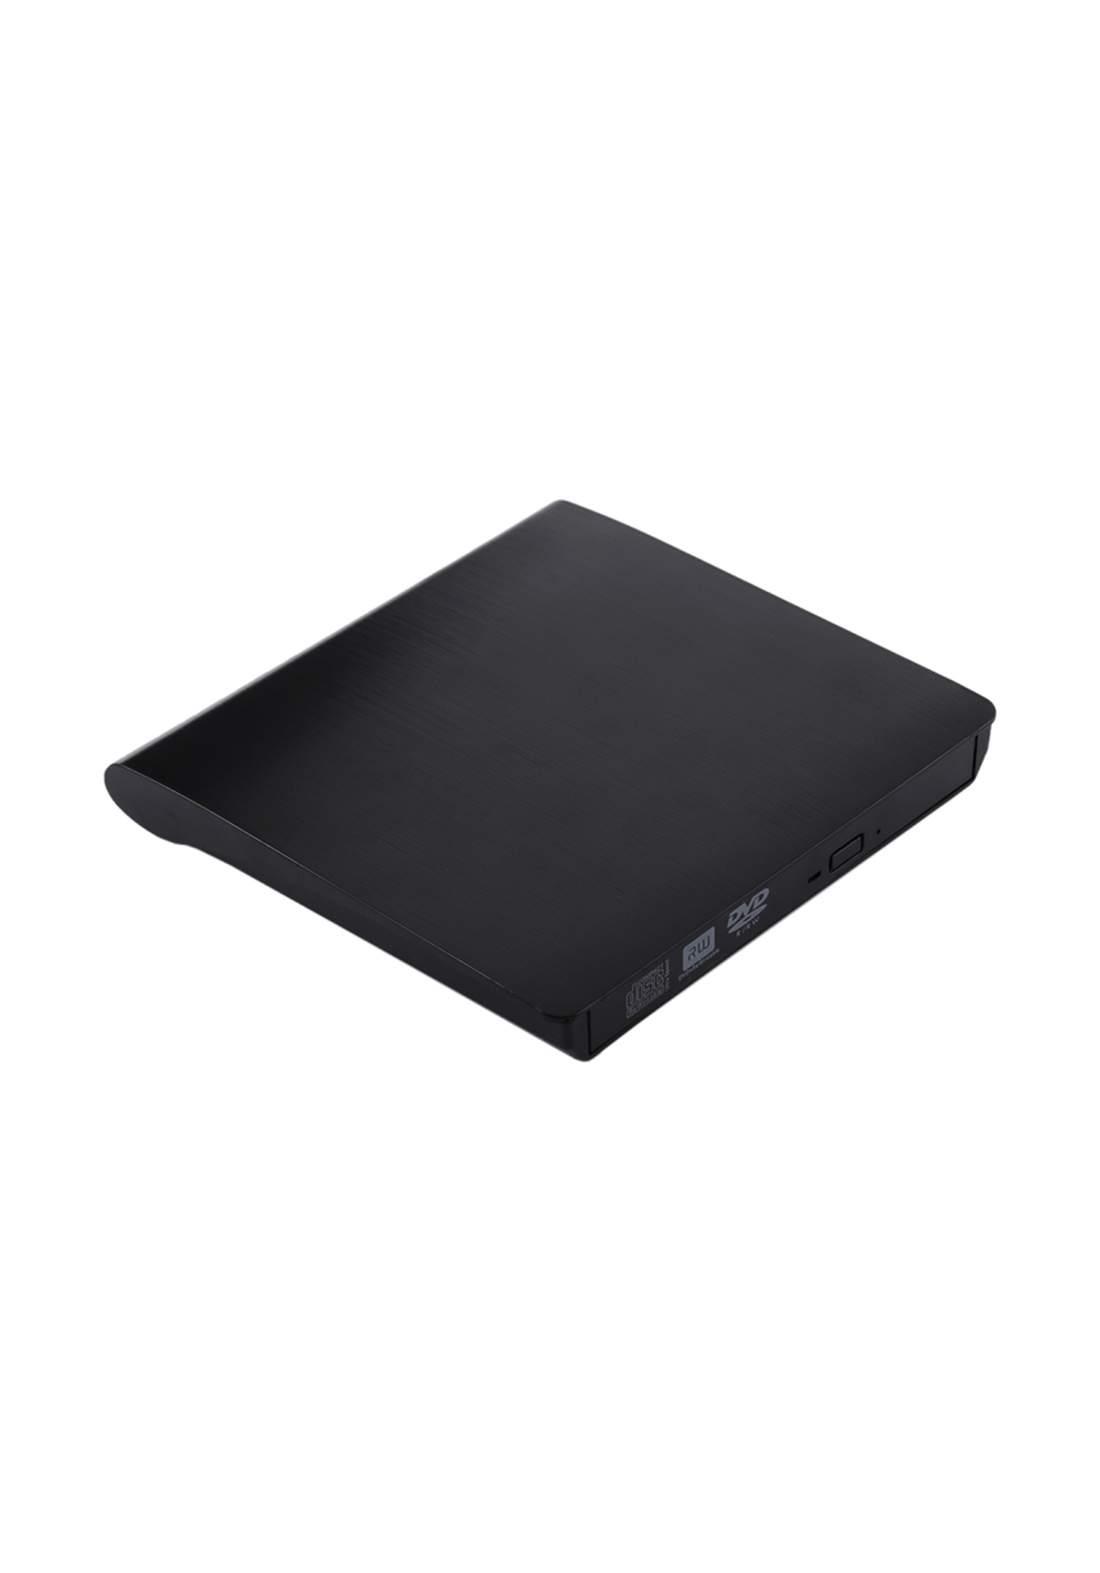 Portable USB 3.0 Pop-Up External DVD Rw-Black